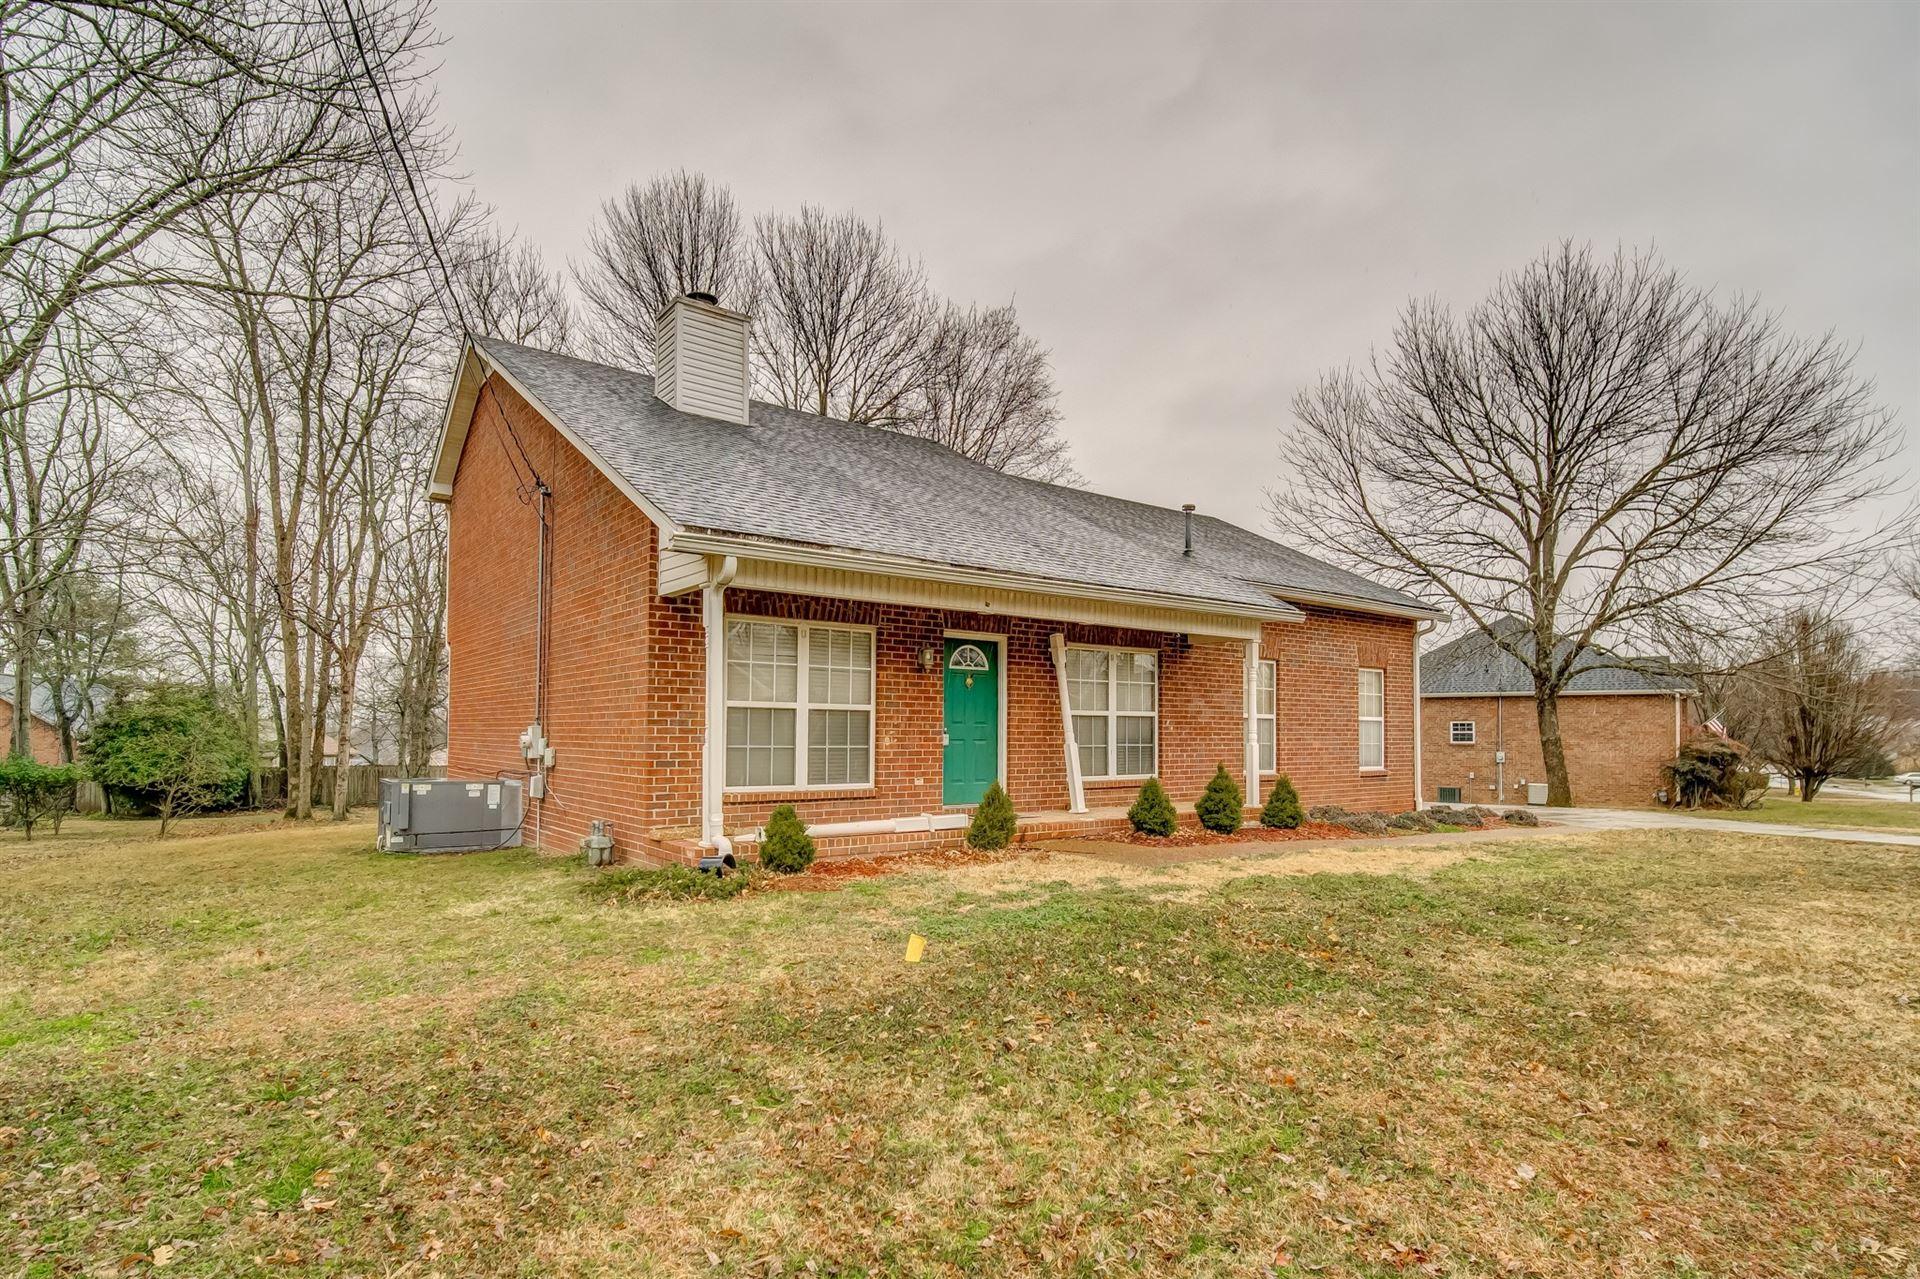 187 Lakeside Park Dr, Hendersonville, TN 37075 - MLS#: 2229132